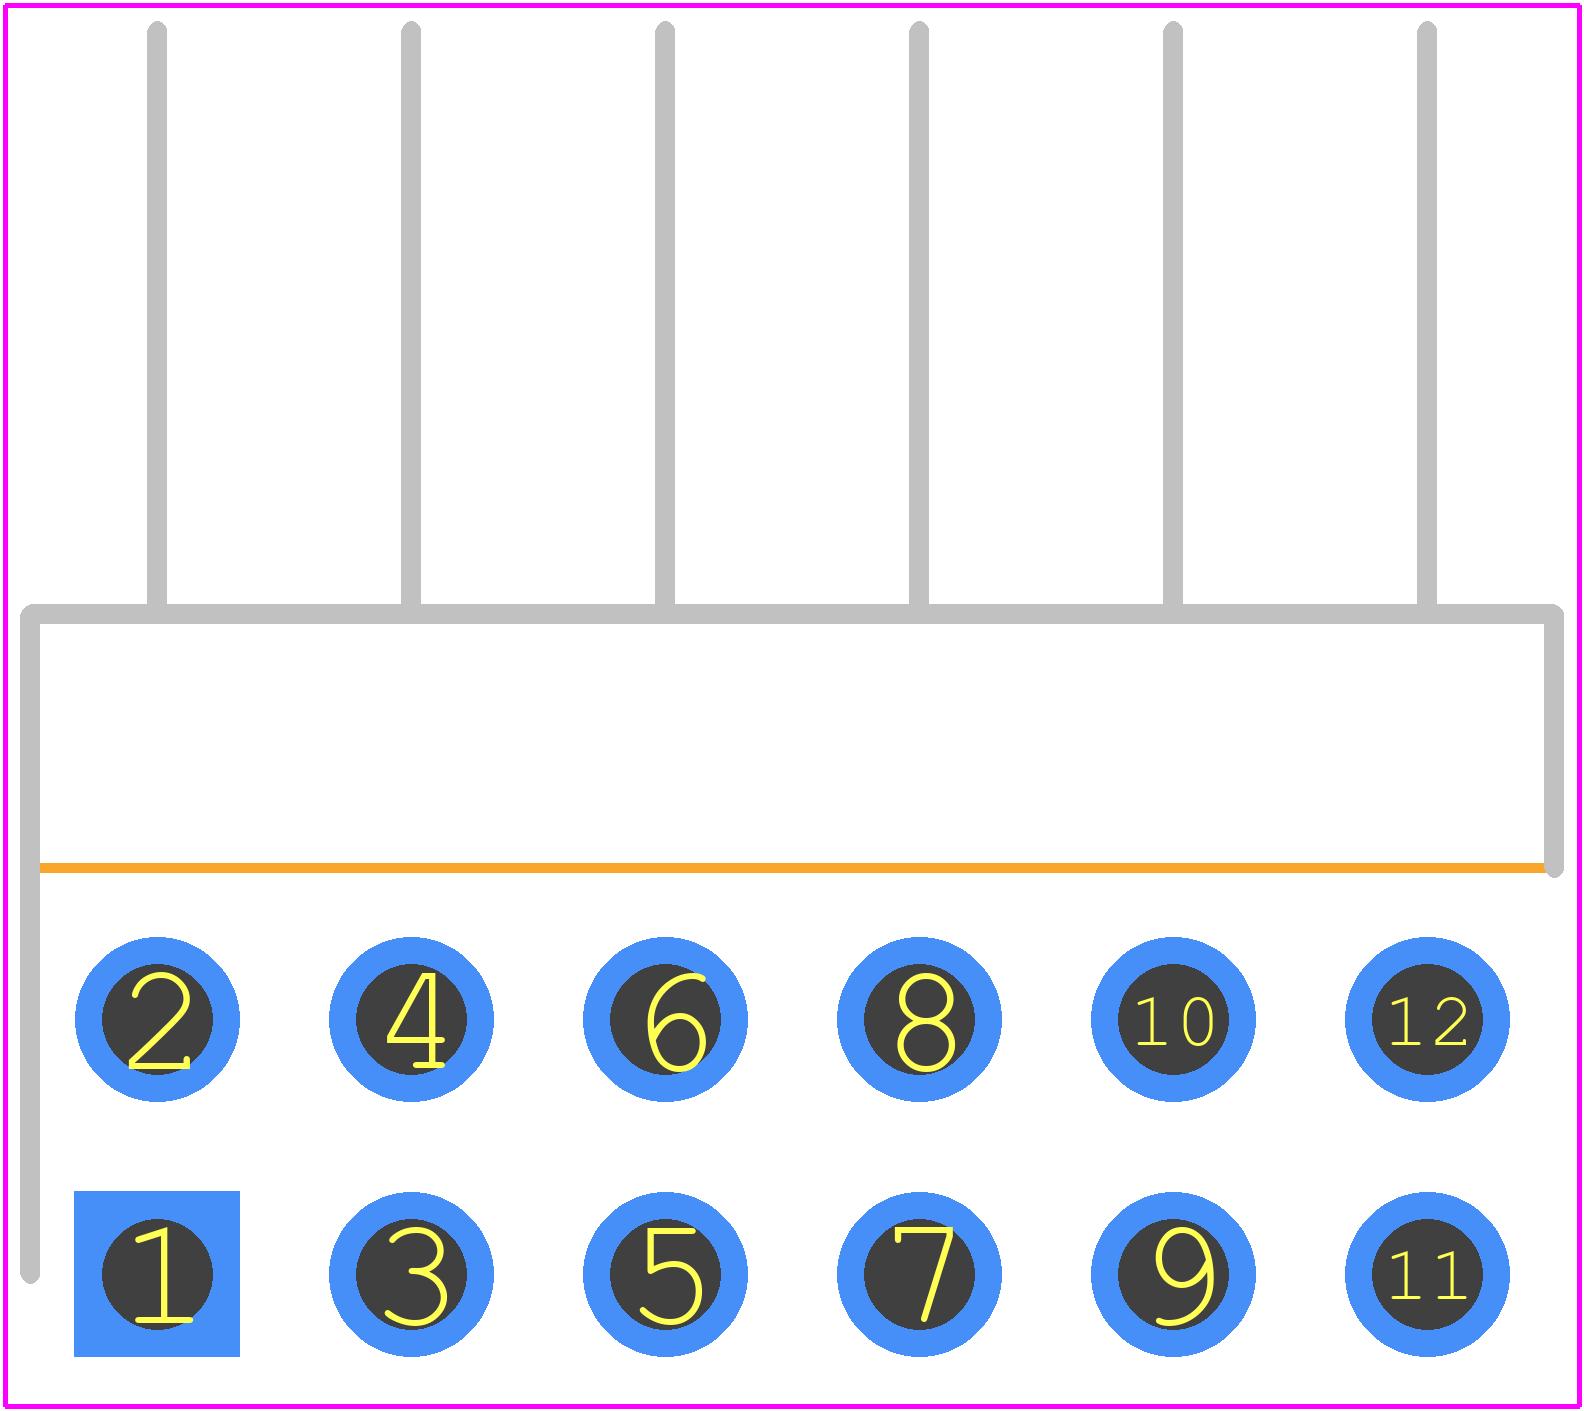 TSW-106-08-L-D-RA - SAMTEC PCB footprint - Other - TSW-106-08-L-D-RA